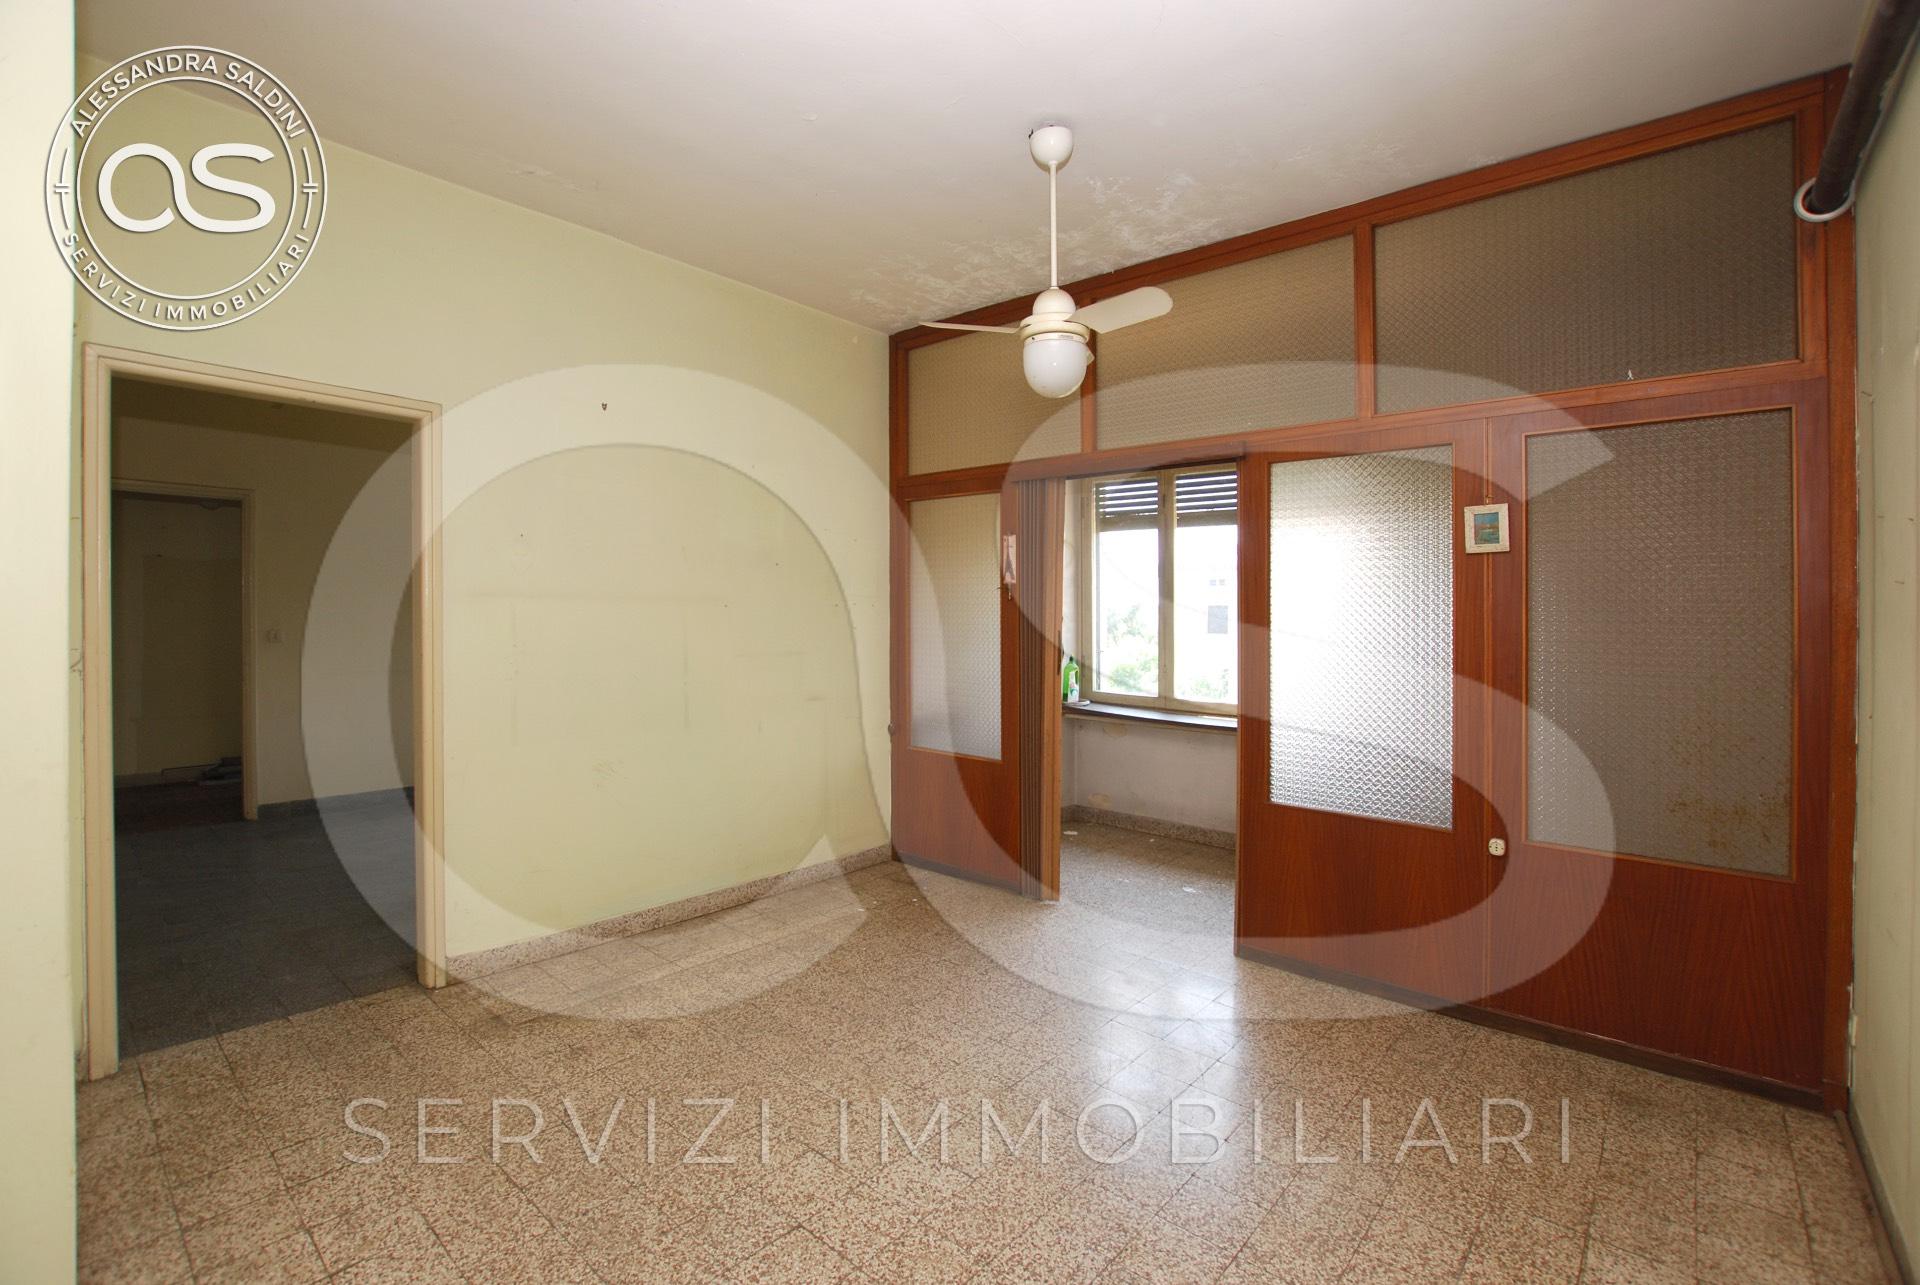 Appartamento in vendita a Manerbio, 2 locali, prezzo € 38.000 | PortaleAgenzieImmobiliari.it